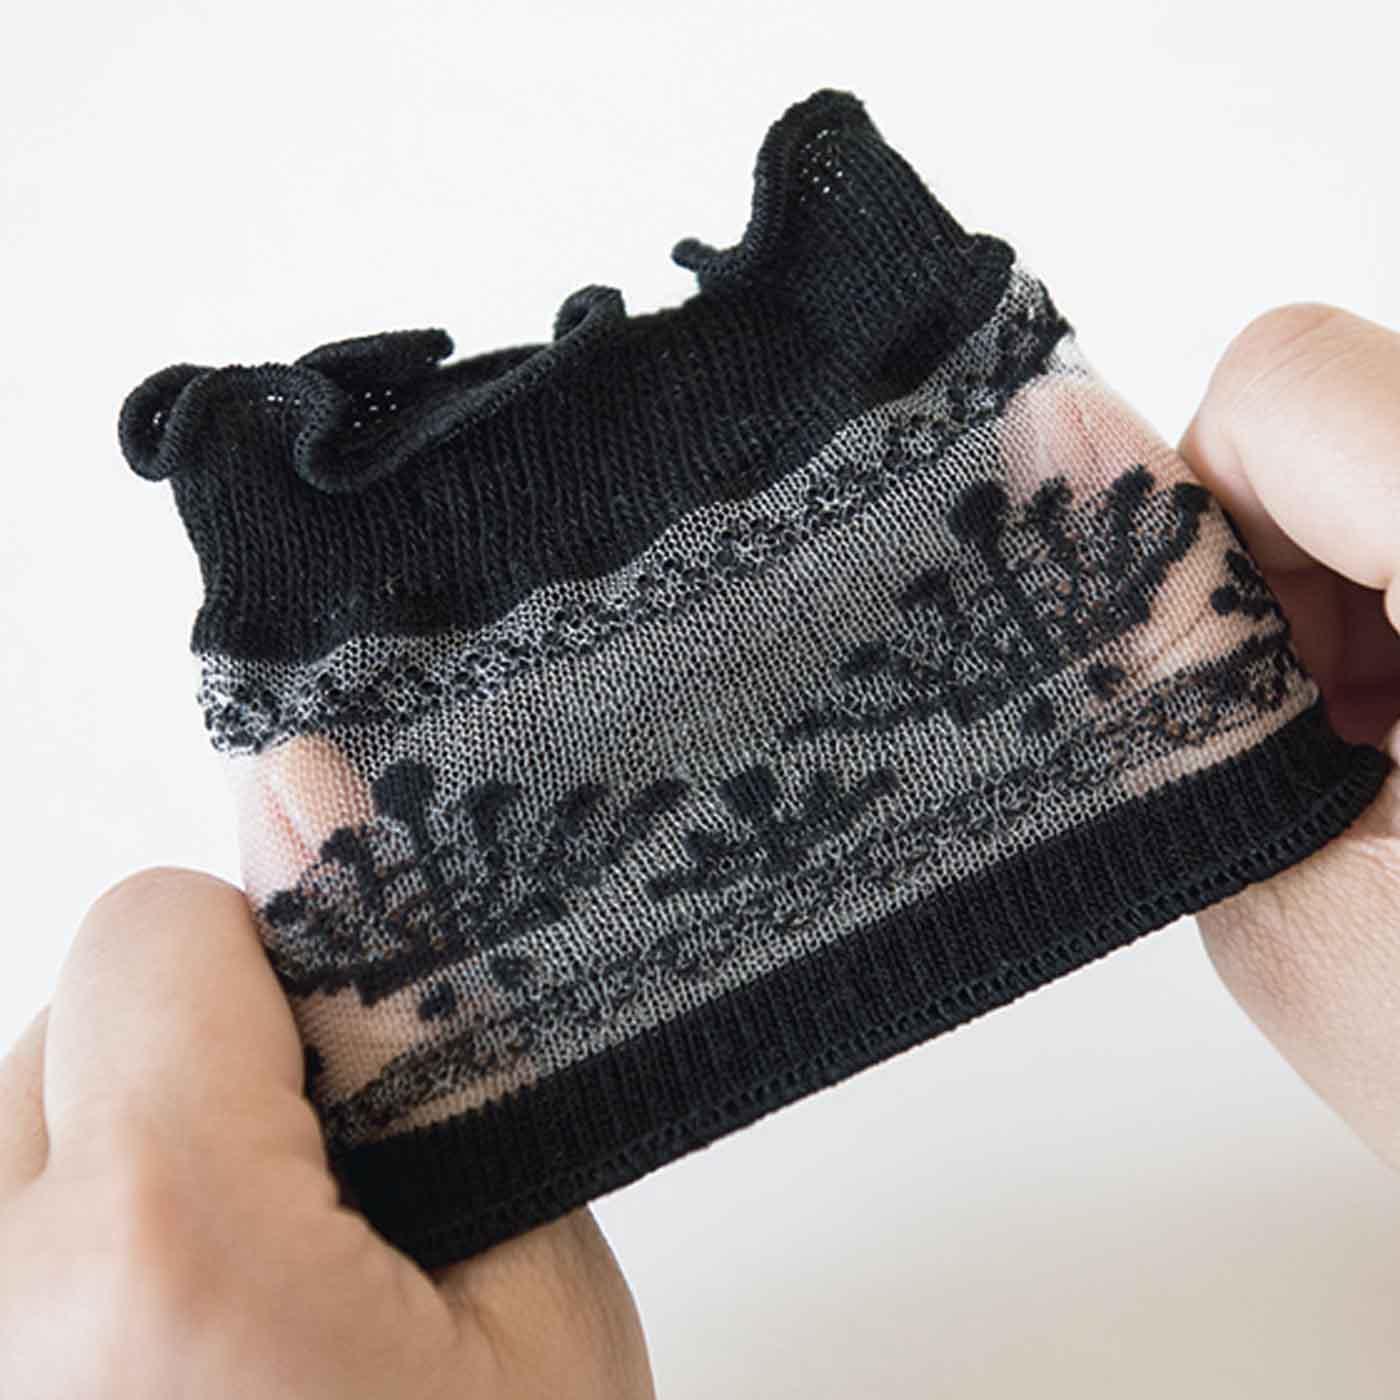 甲部分のシースルーレースが華やか。指のまた部分と足裏には抗菌防臭&速乾素材を使用。